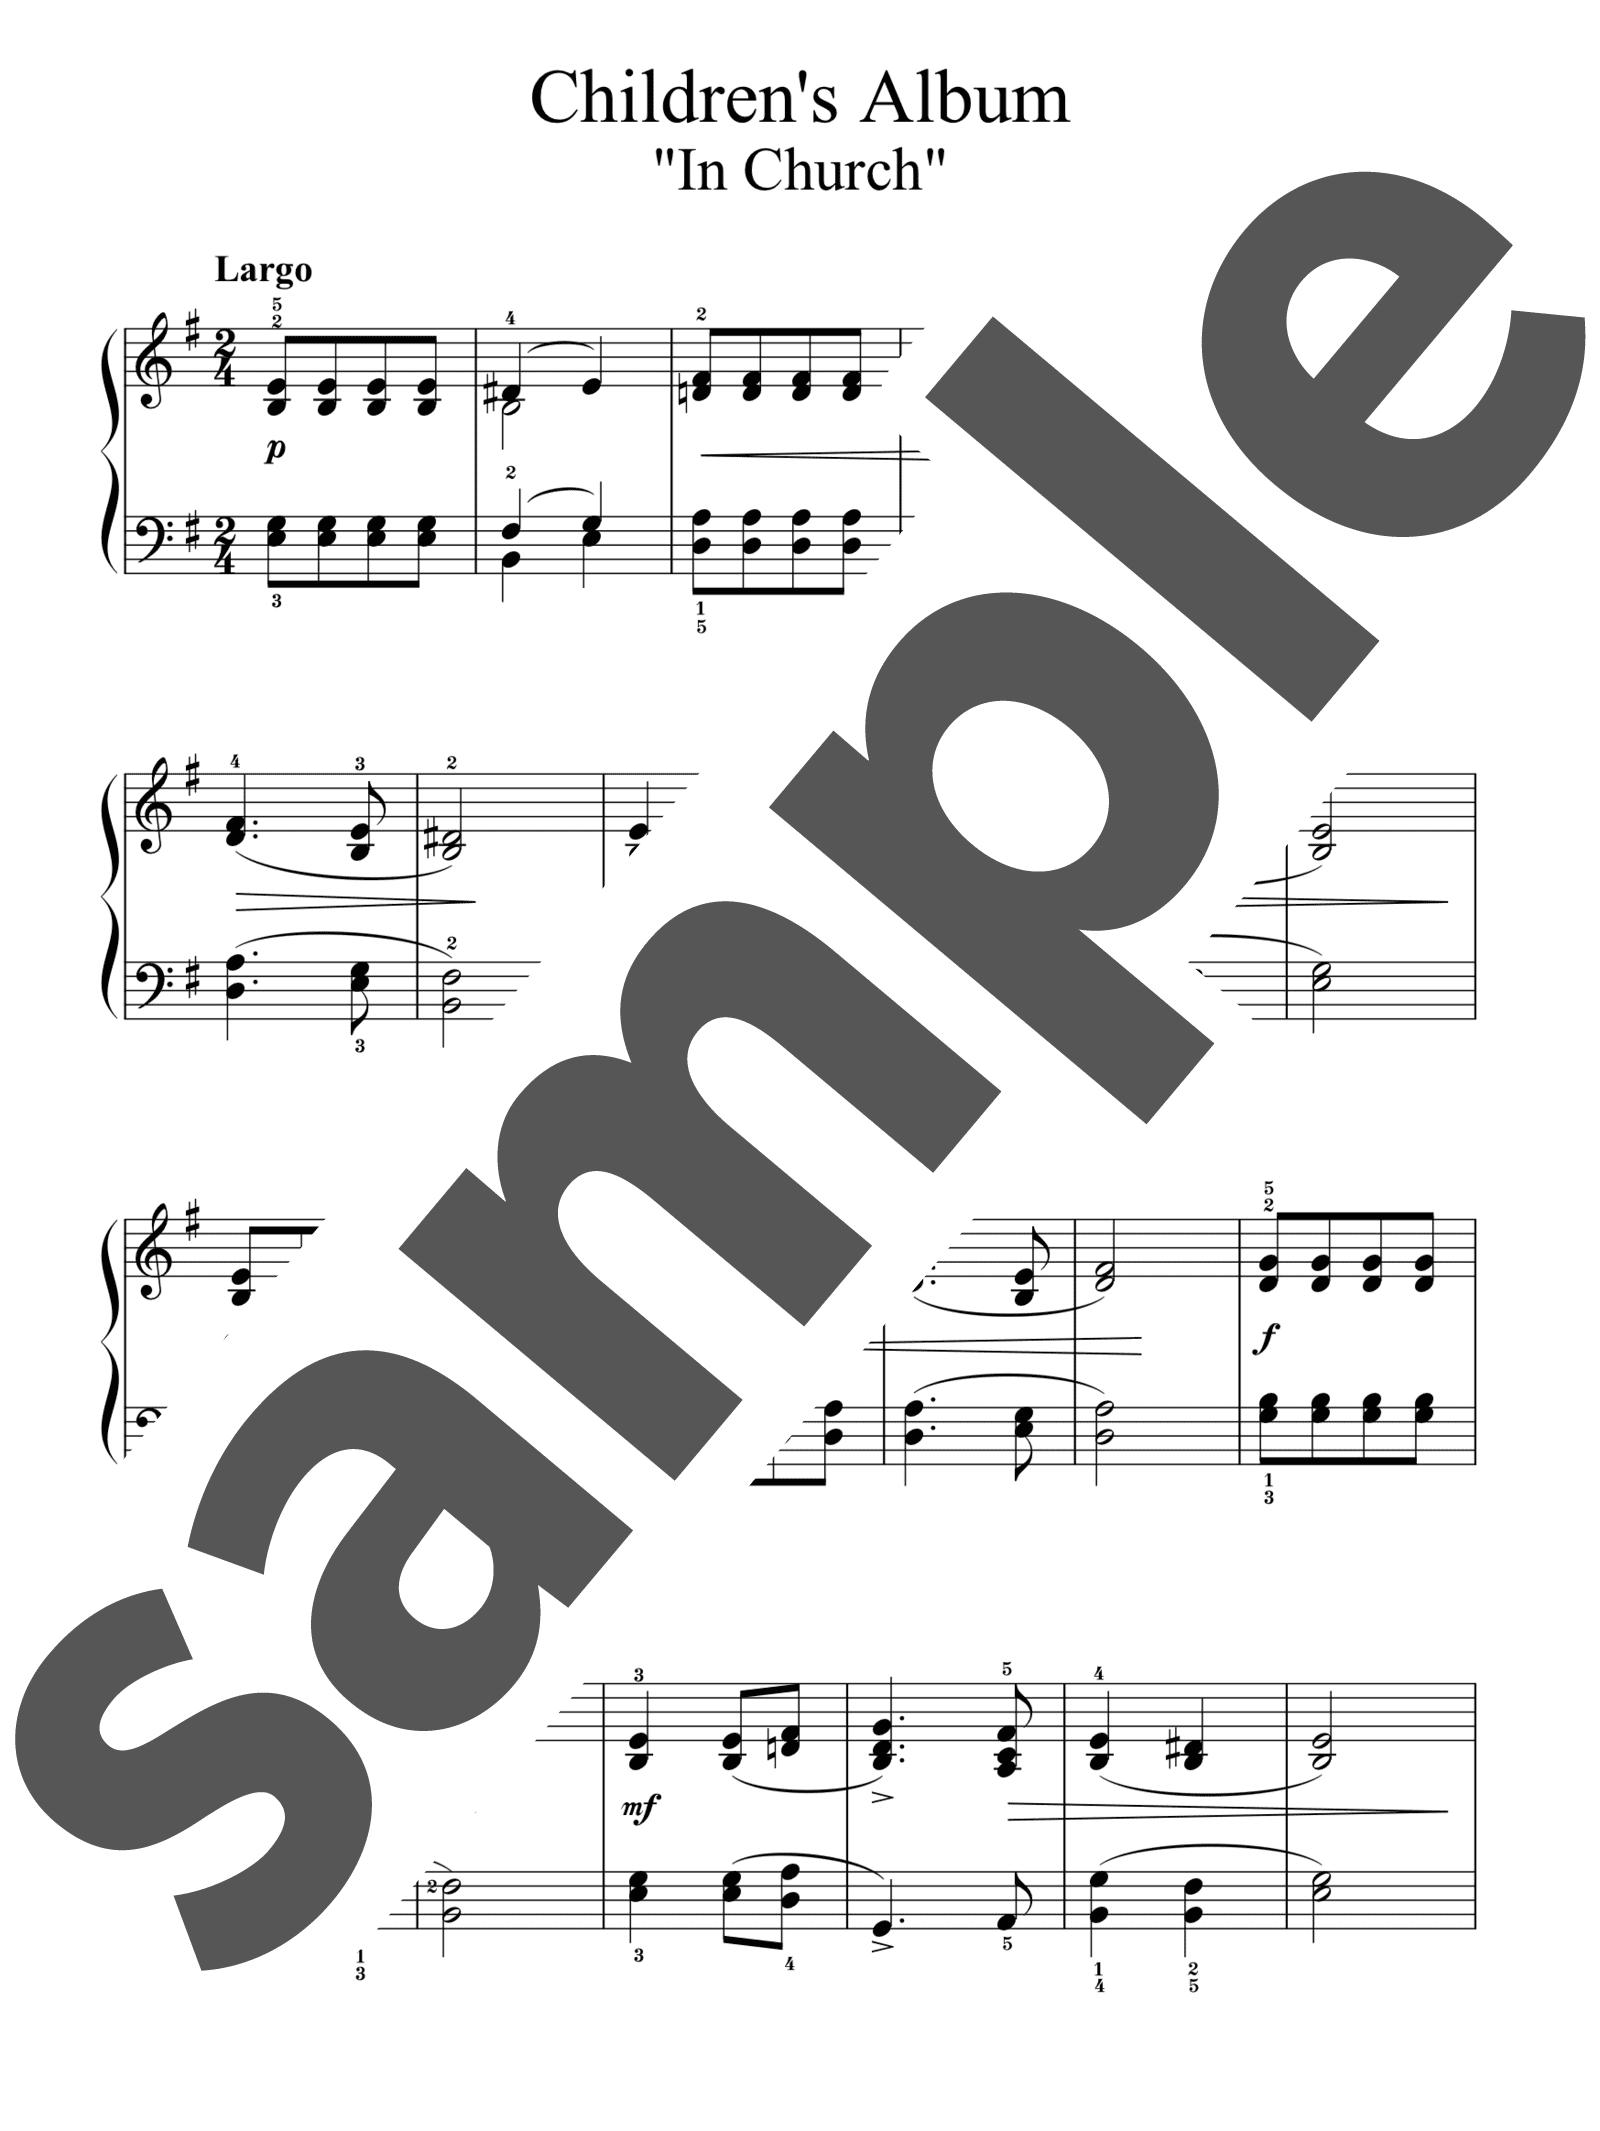 「子供のアルバムより「教会で」」のサンプル楽譜